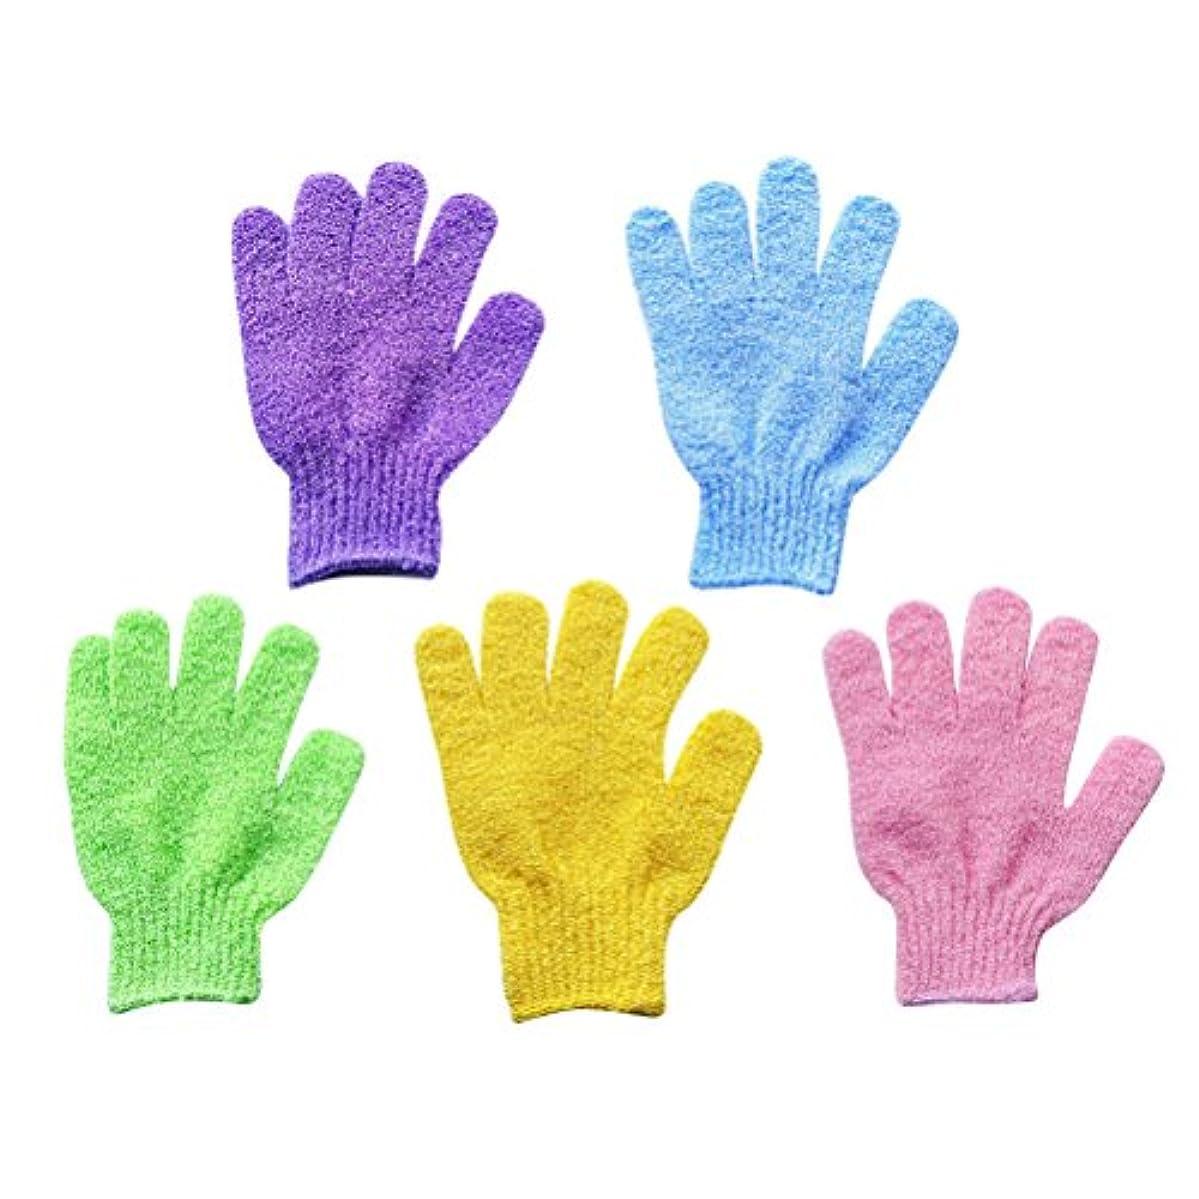 一般的な有効交換Lurrose 5本の指を剥離するバスグローブボディスクラブエクスフォリエーターグローブ5ペア(ランダムカラー)